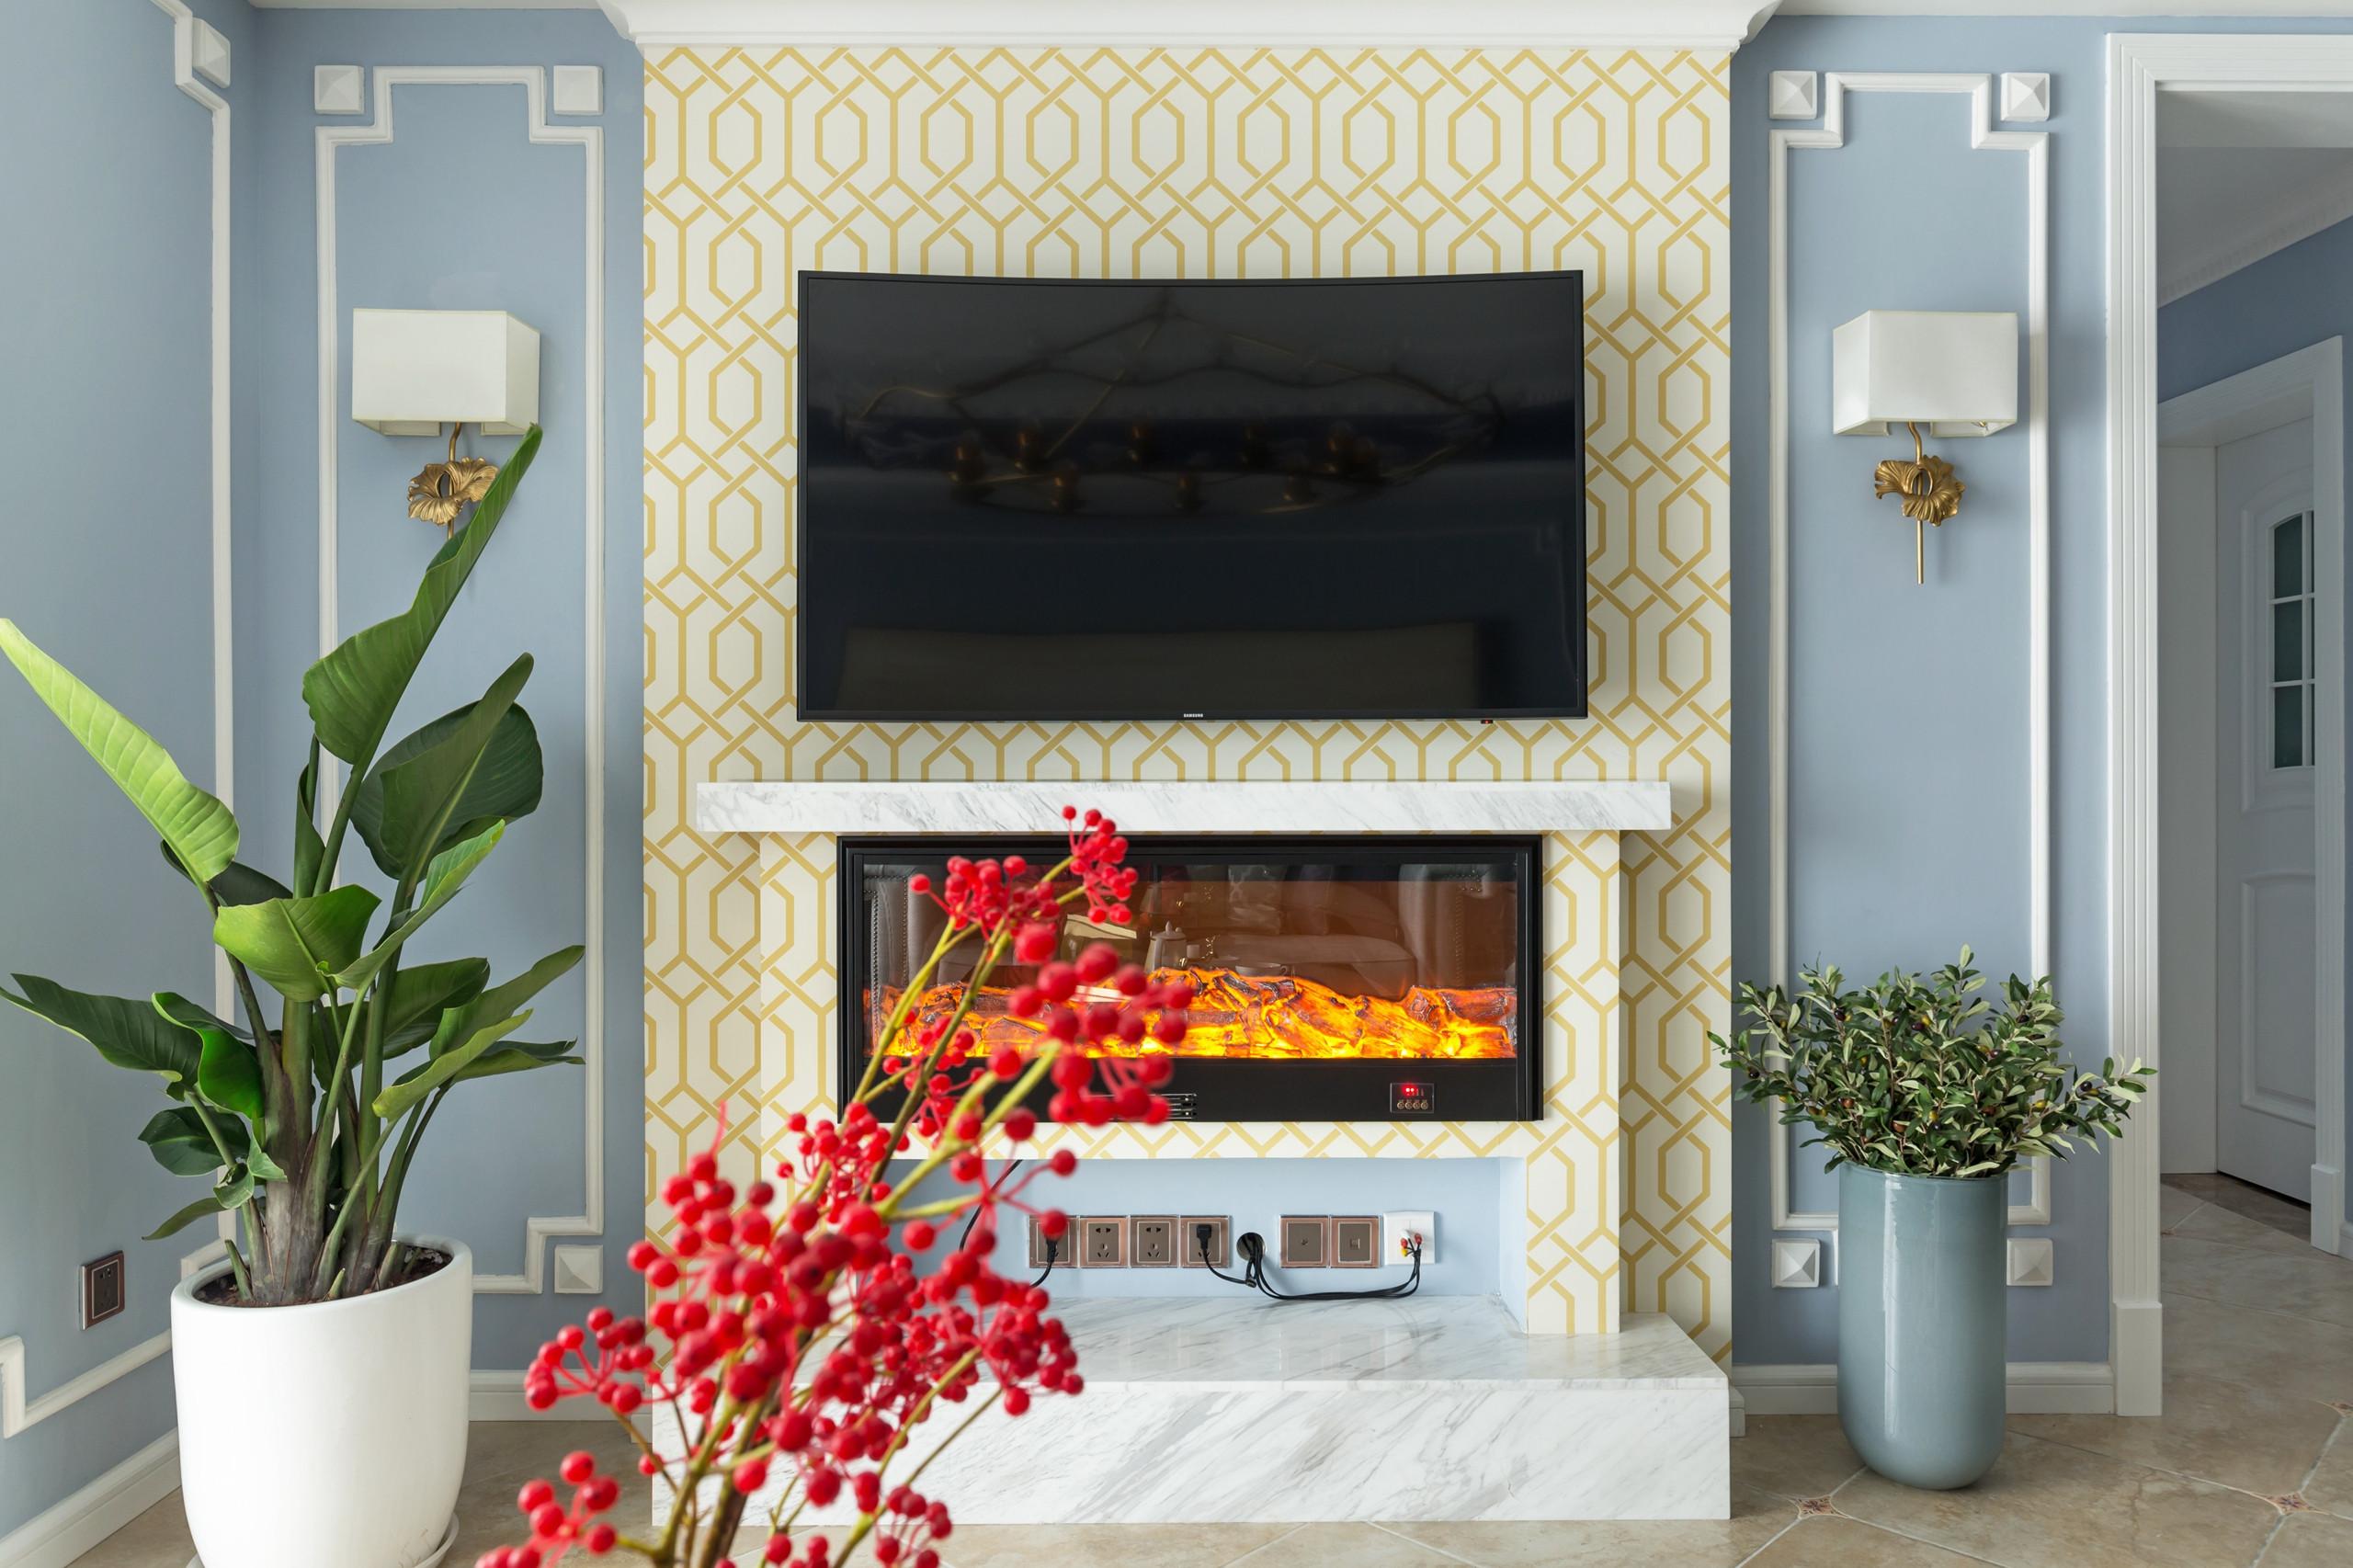 美式三居装修电视背景墙图片